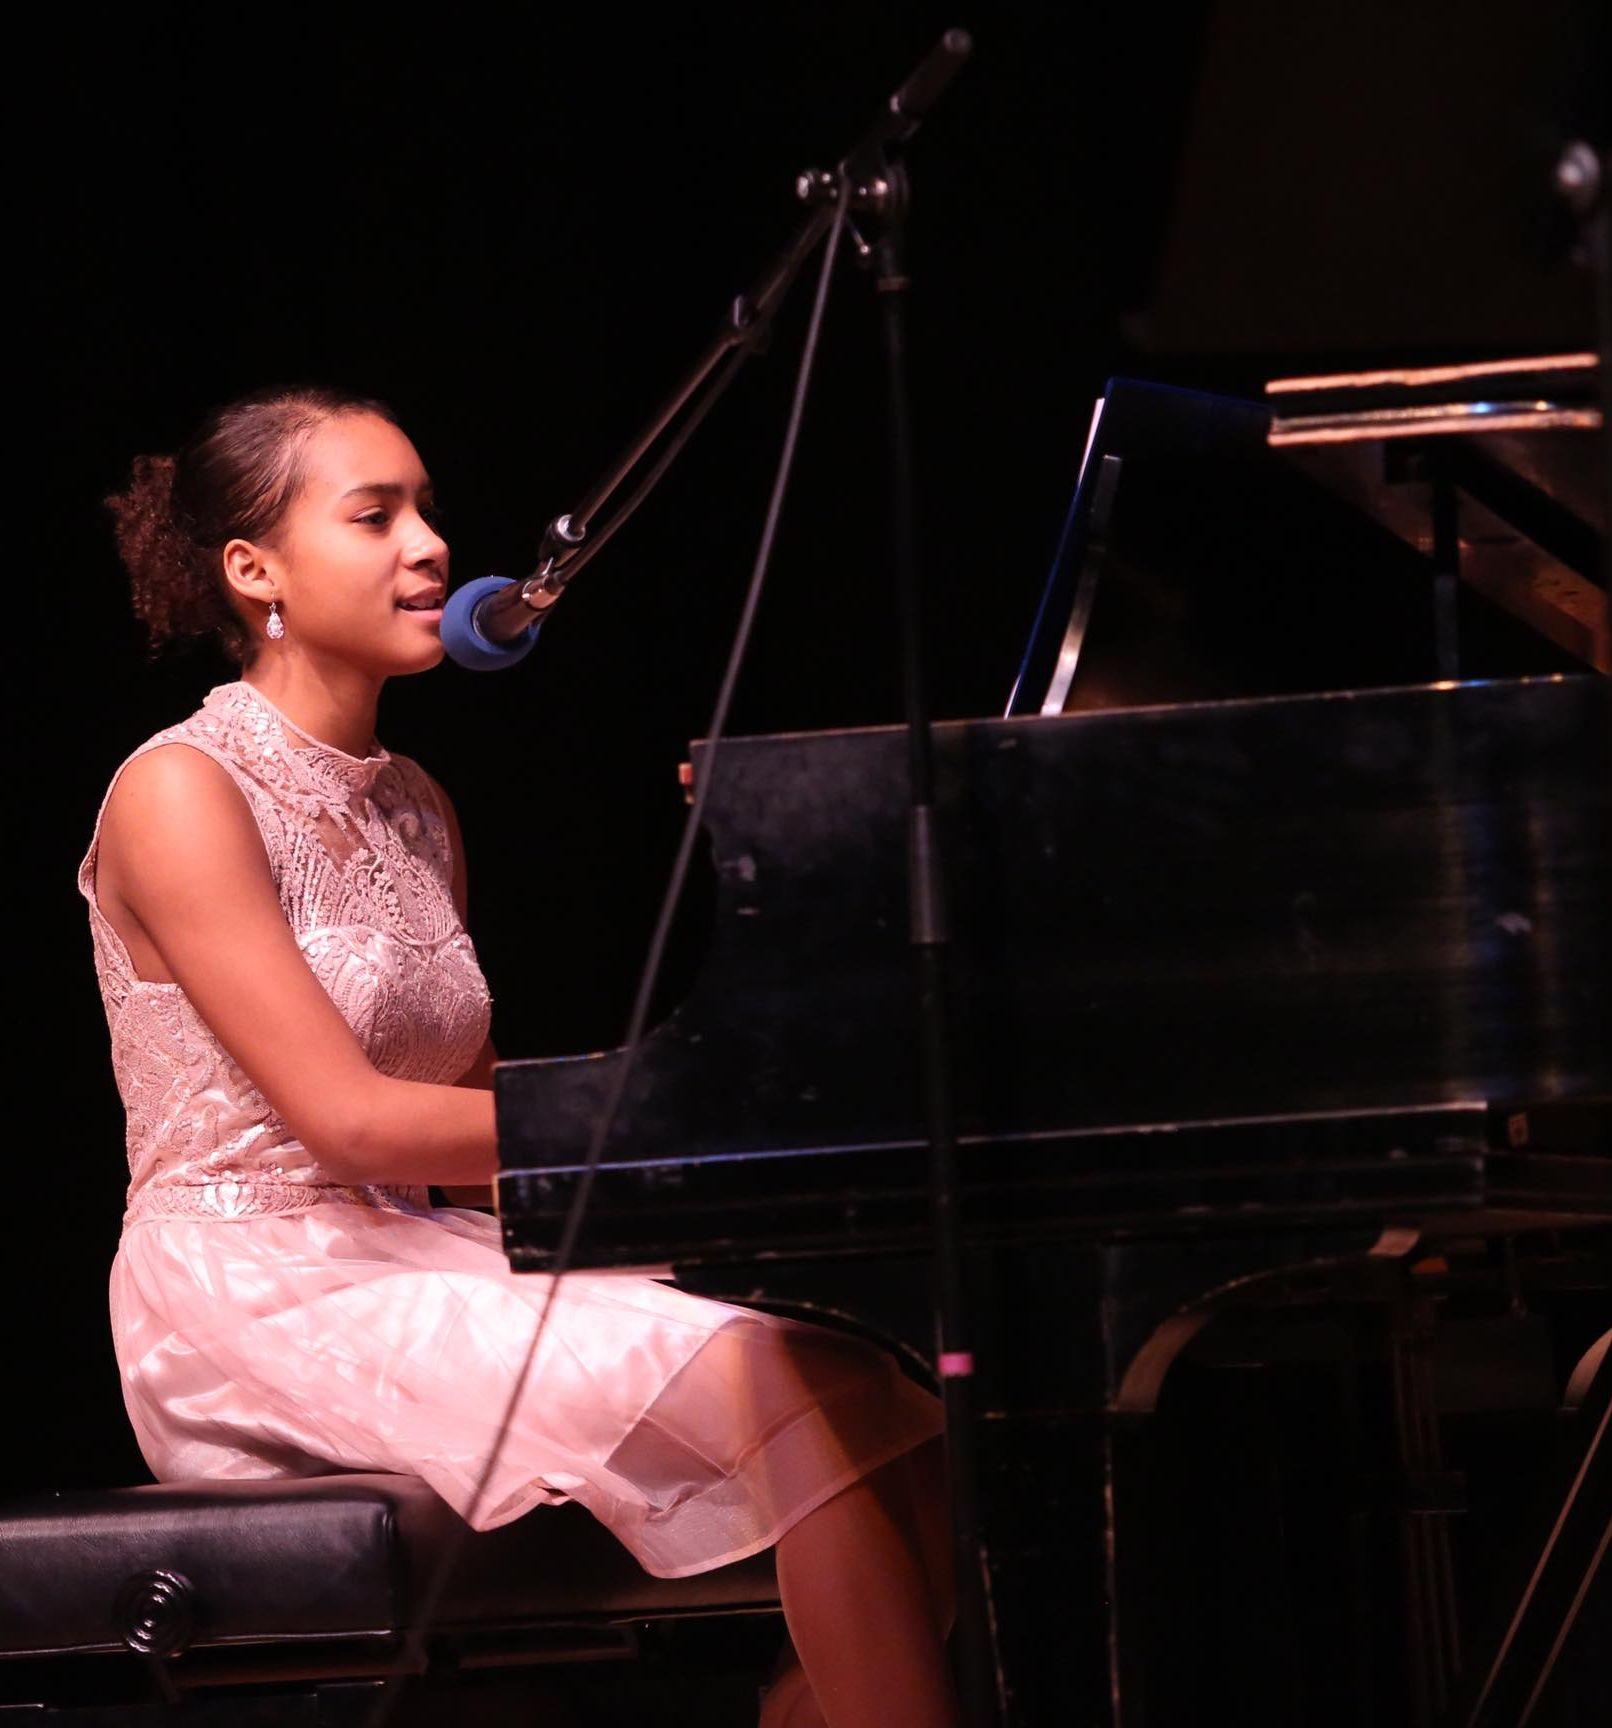 Imani at Piano